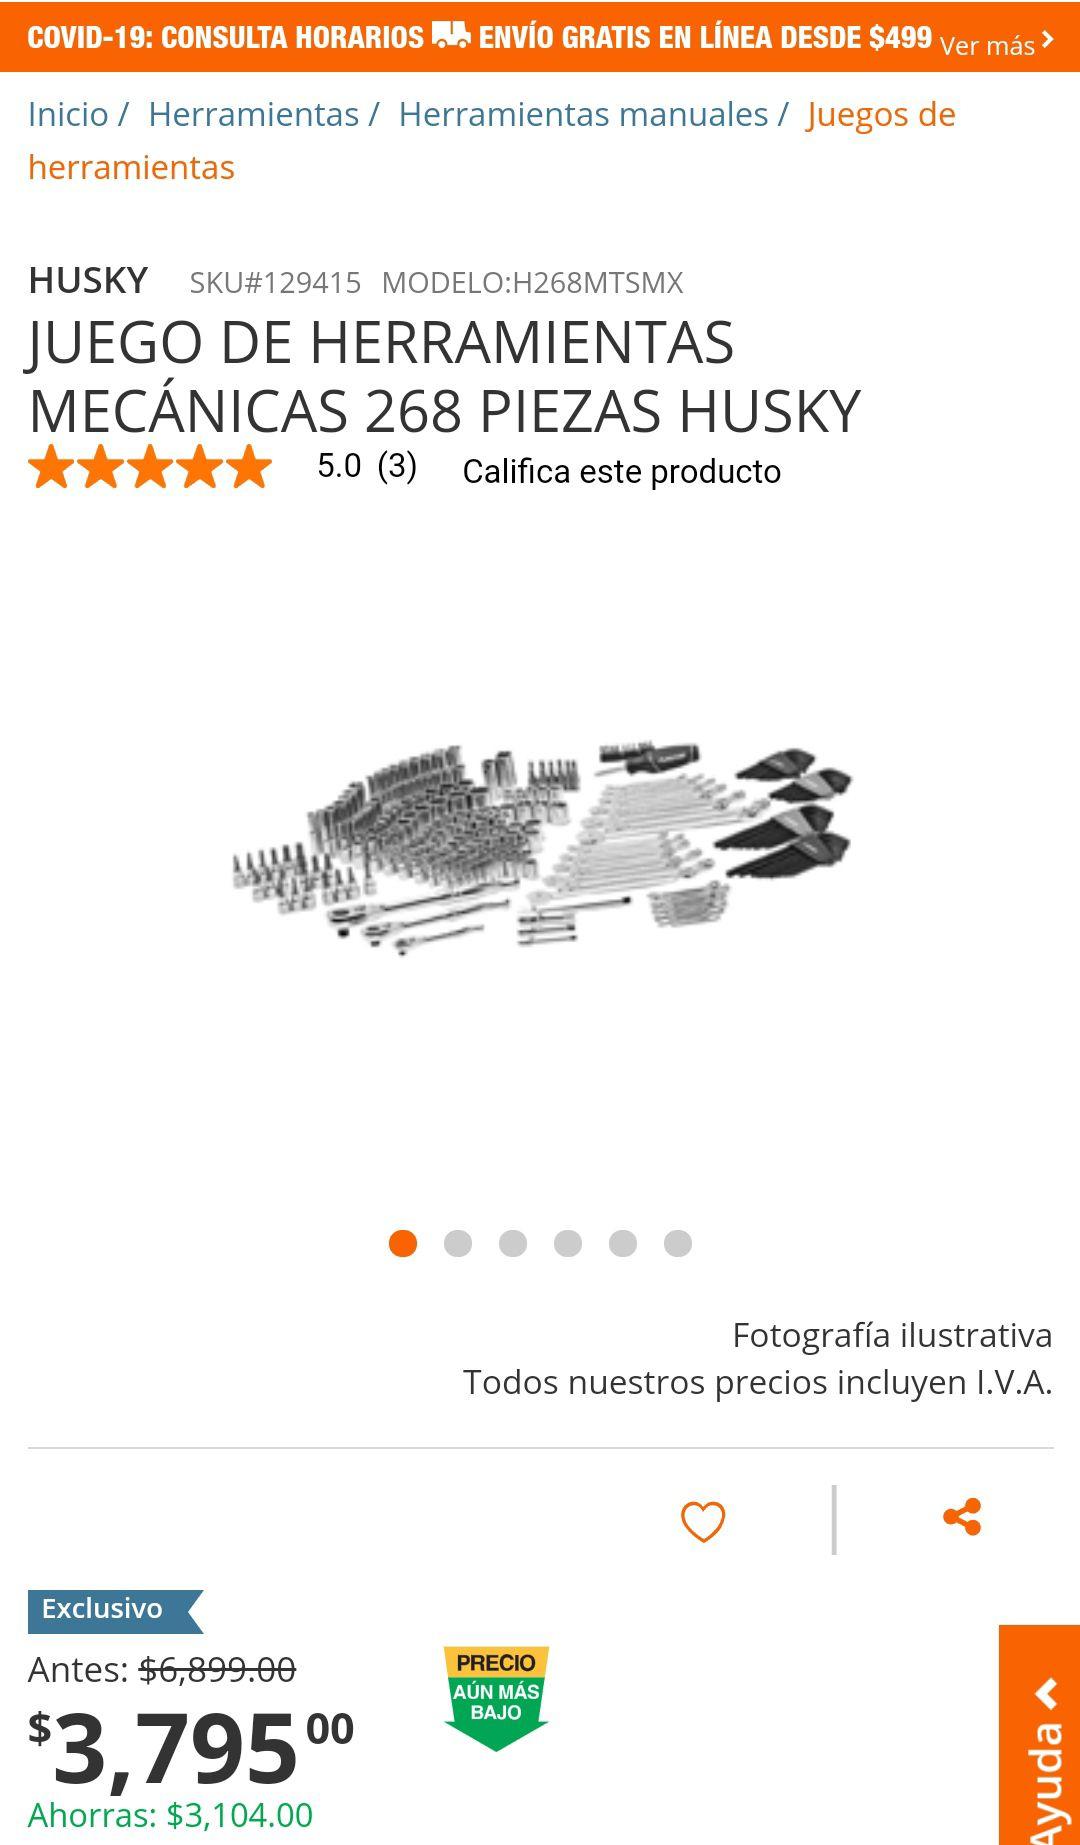 Home Depot: JUEGO DE HERRAMIENTAS MECÁNICAS 268 PIEZAS HUSKY